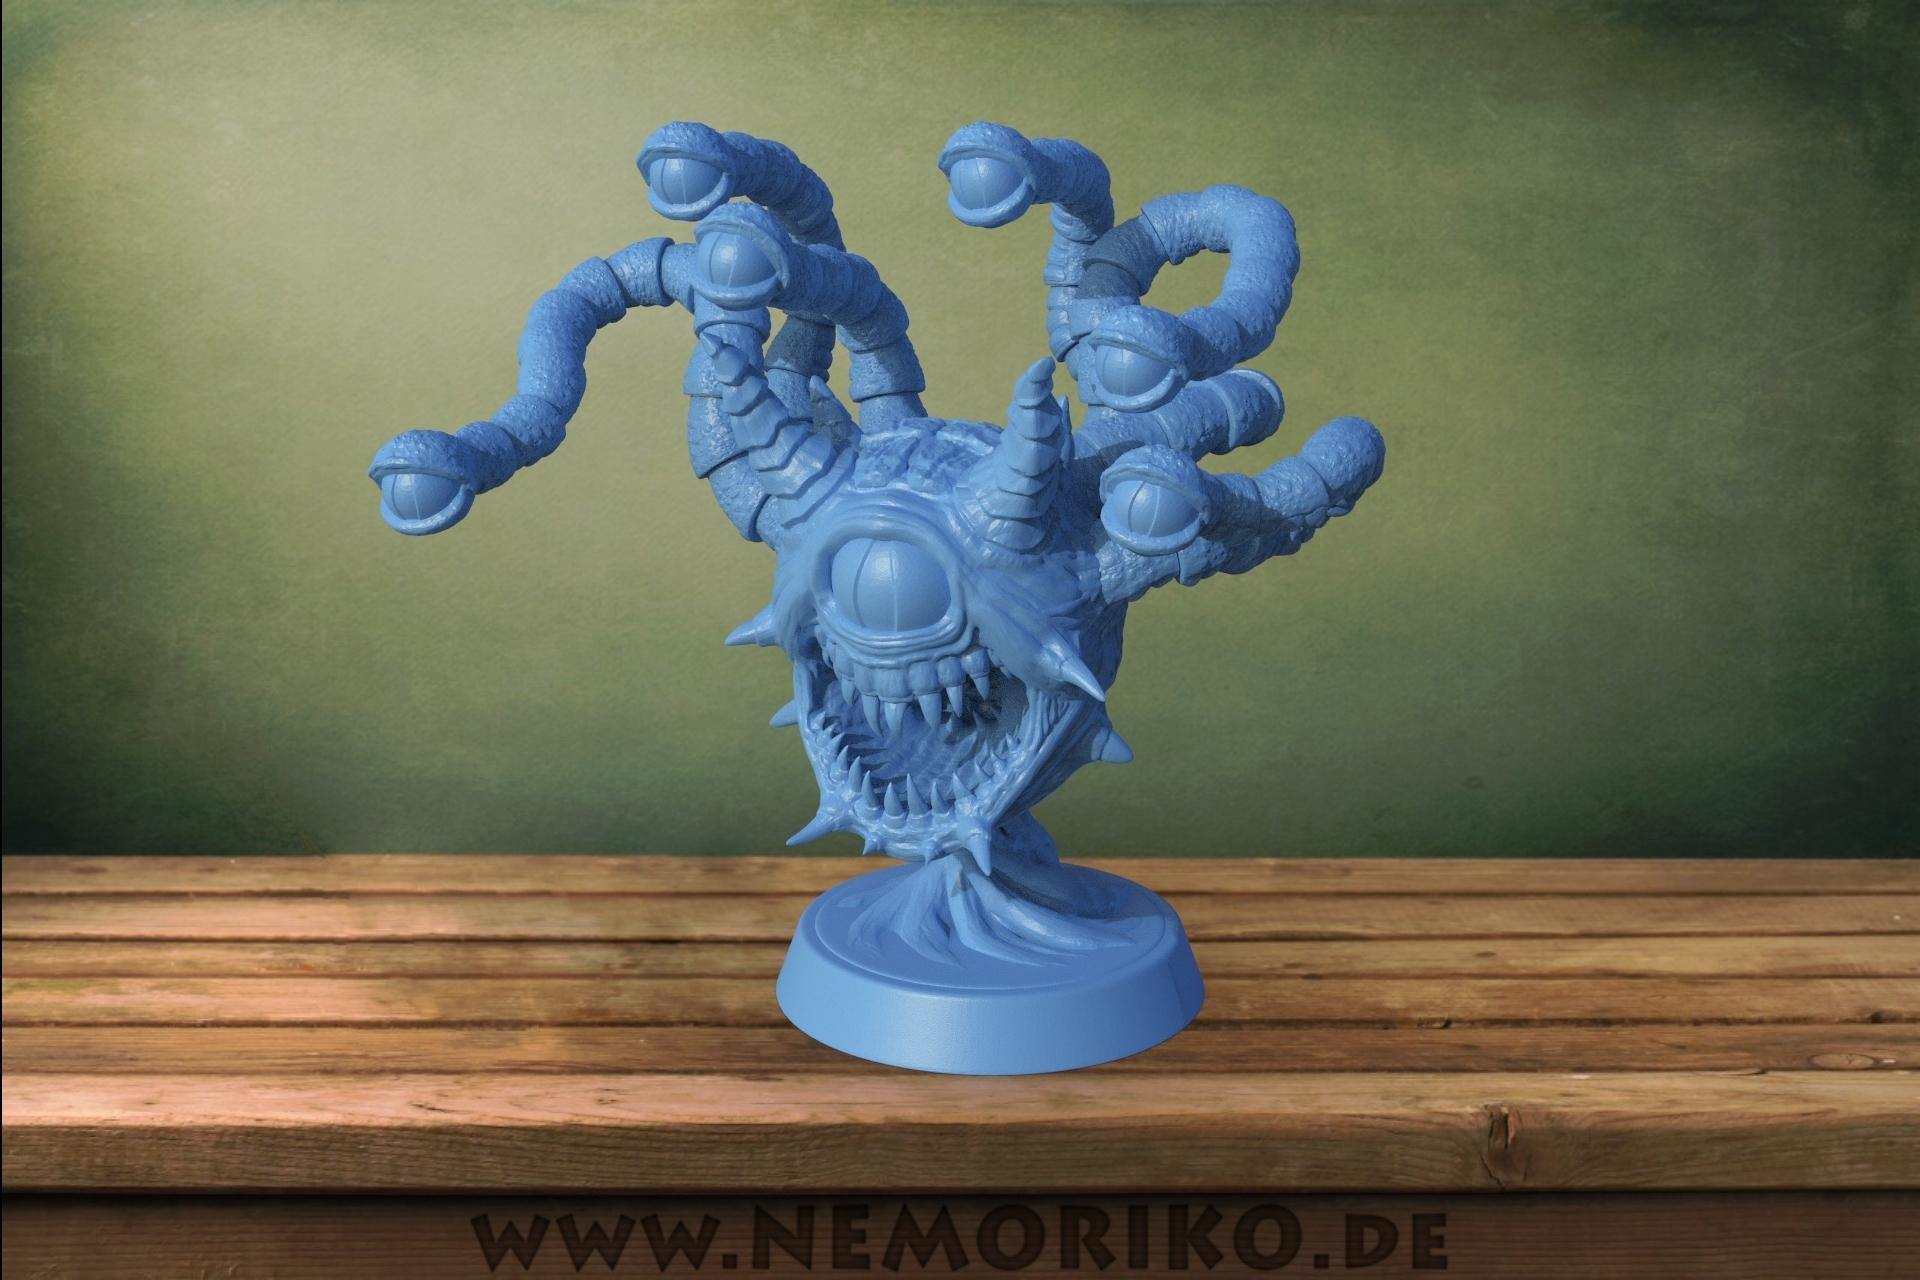 Beholder.jpg Télécharger fichier STL Nemoriko's : Beholder (pour table, ...) • Modèle imprimable en 3D, Nemoriko